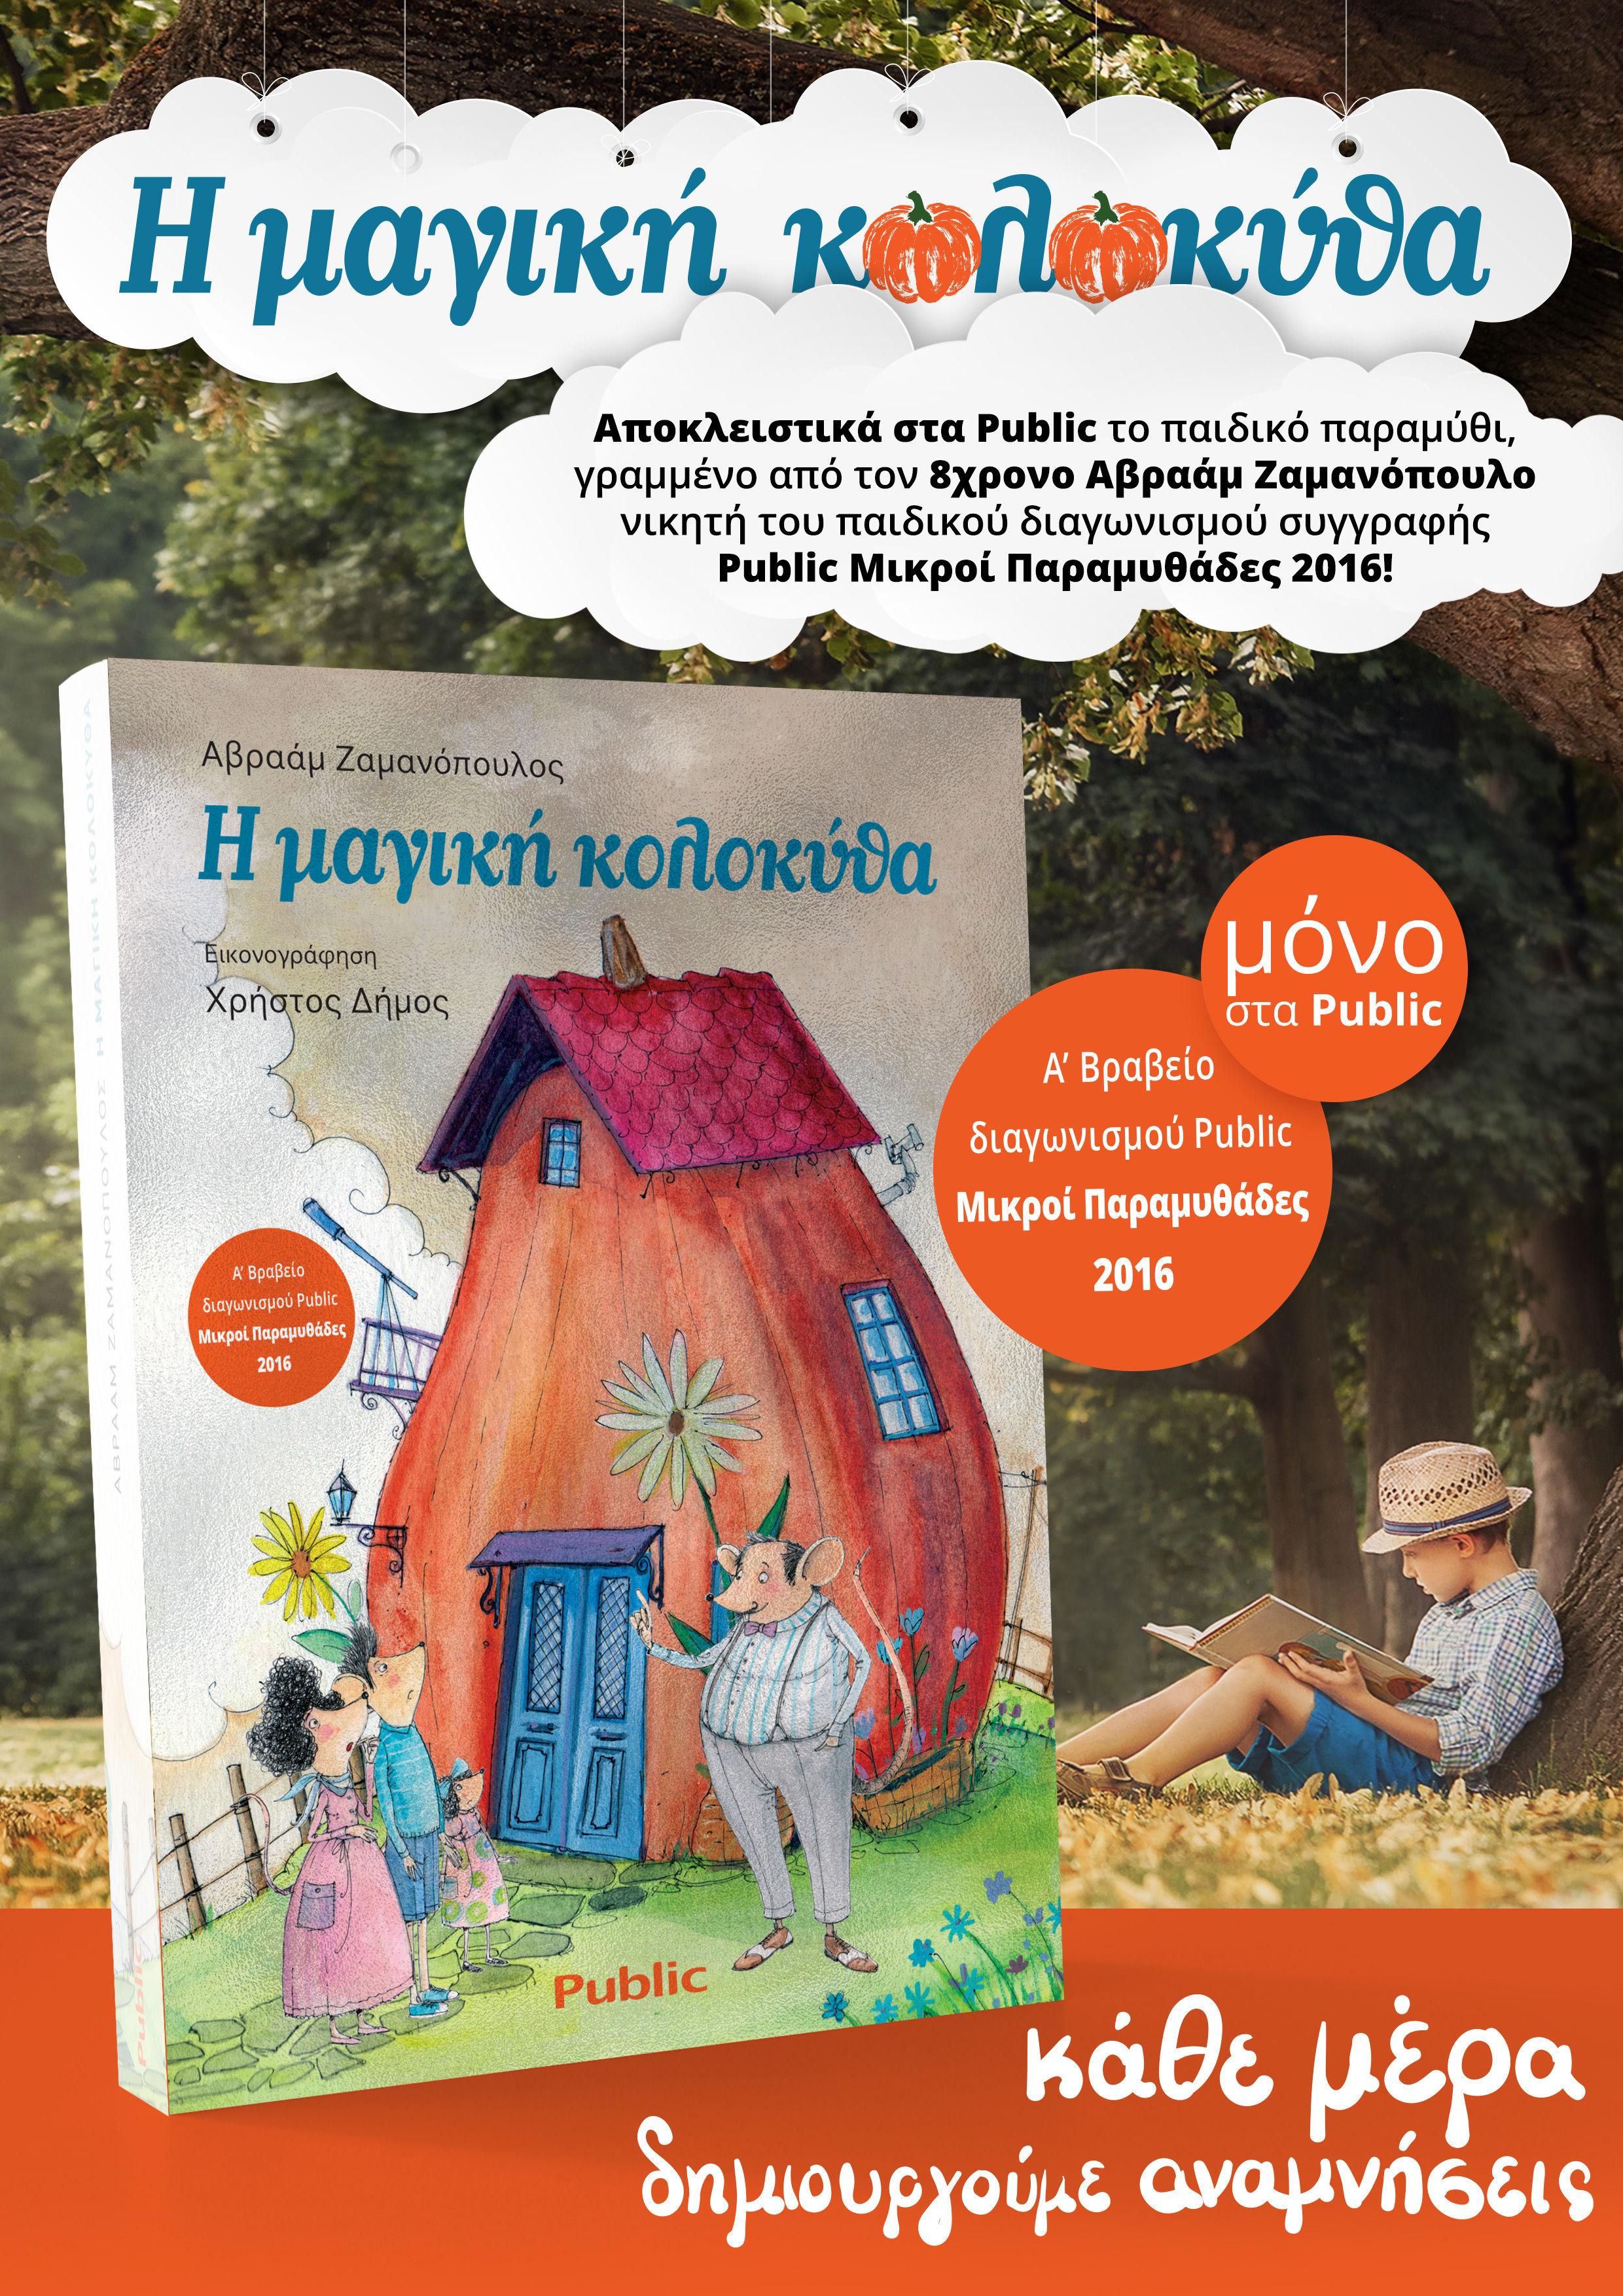 Η Μαγική Κολοκύθα: Ένα νέο ελληνικό παραμύθι, γραμμένο από ένα παιδί